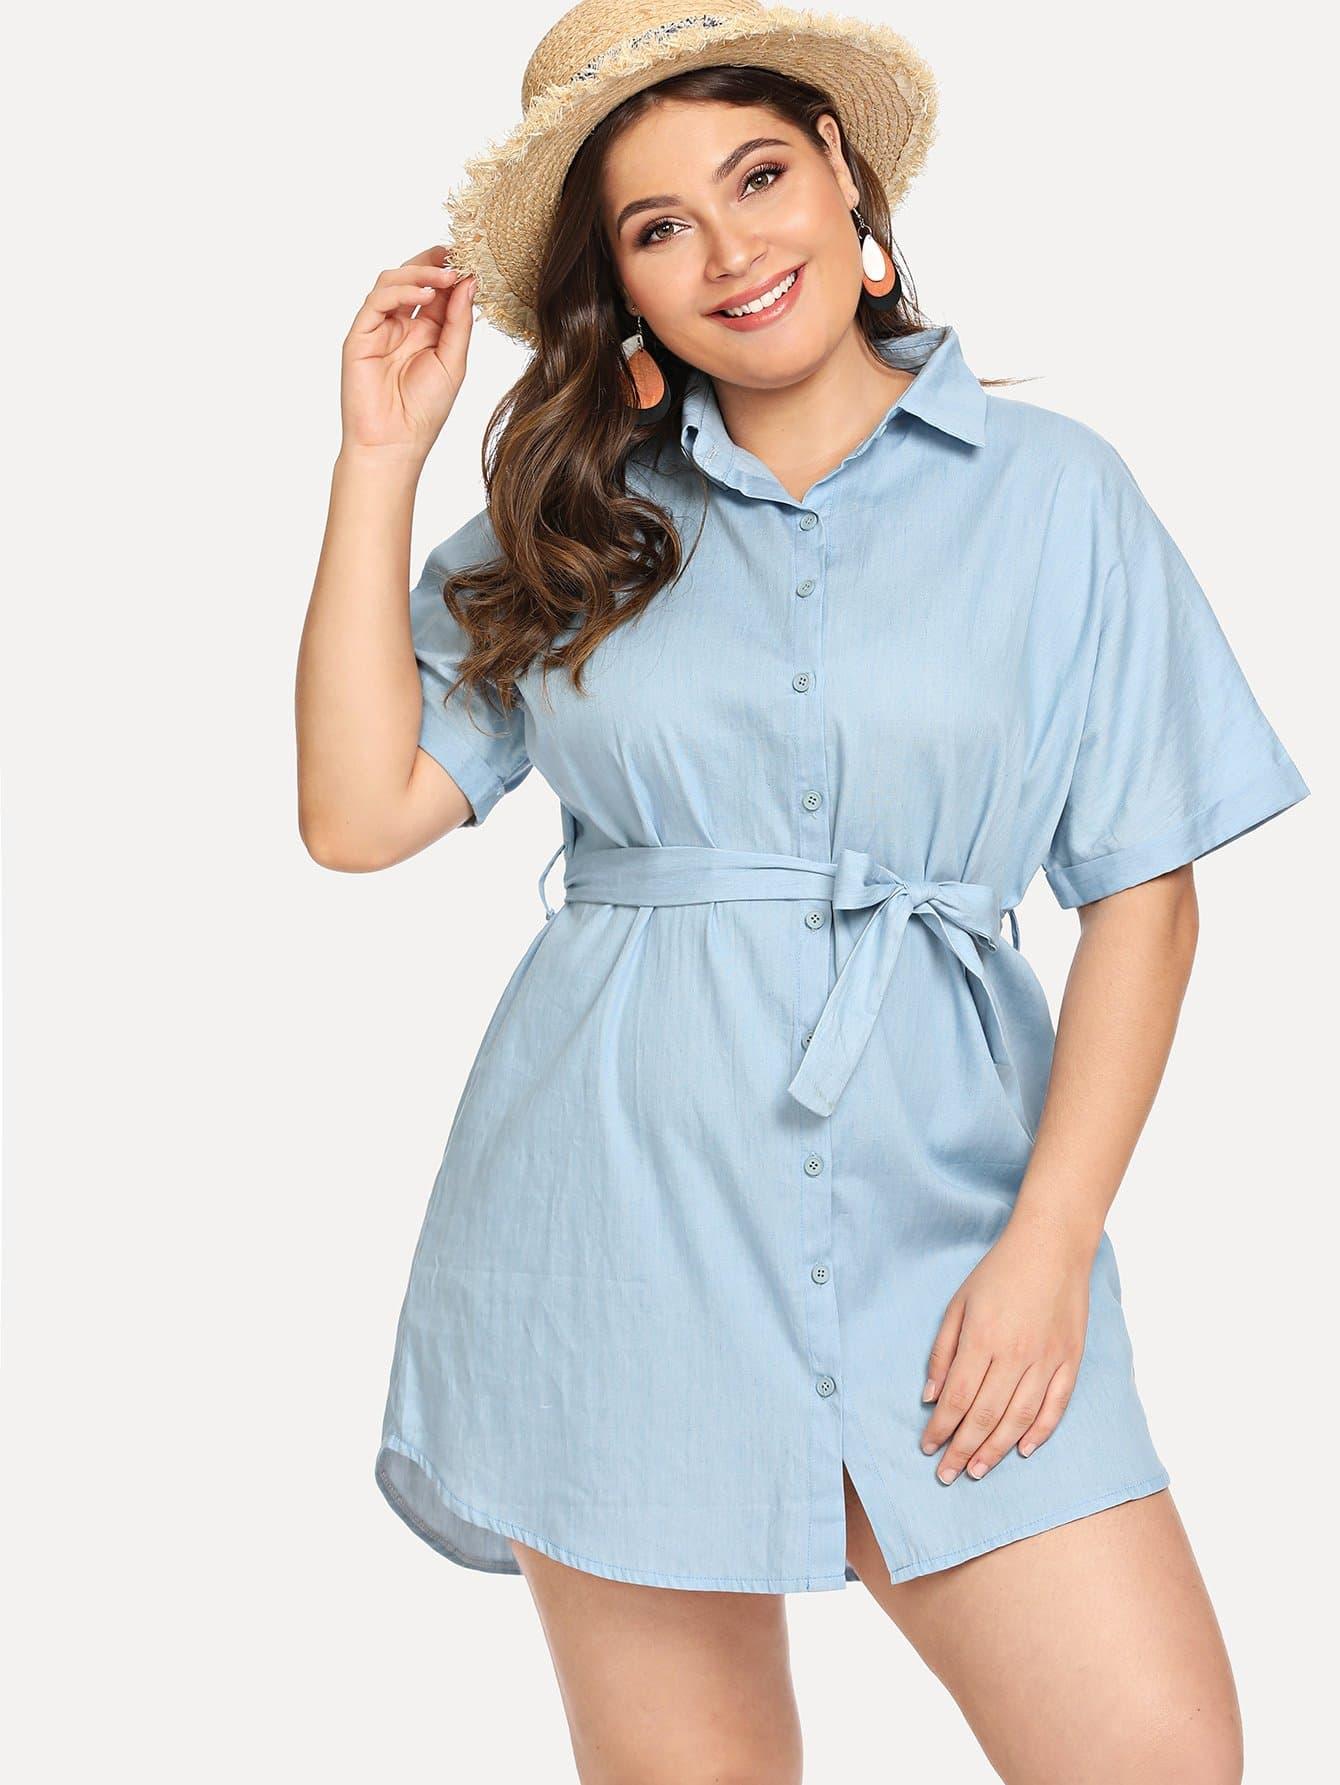 Джинсовая длинная рубашка и с большим поясом